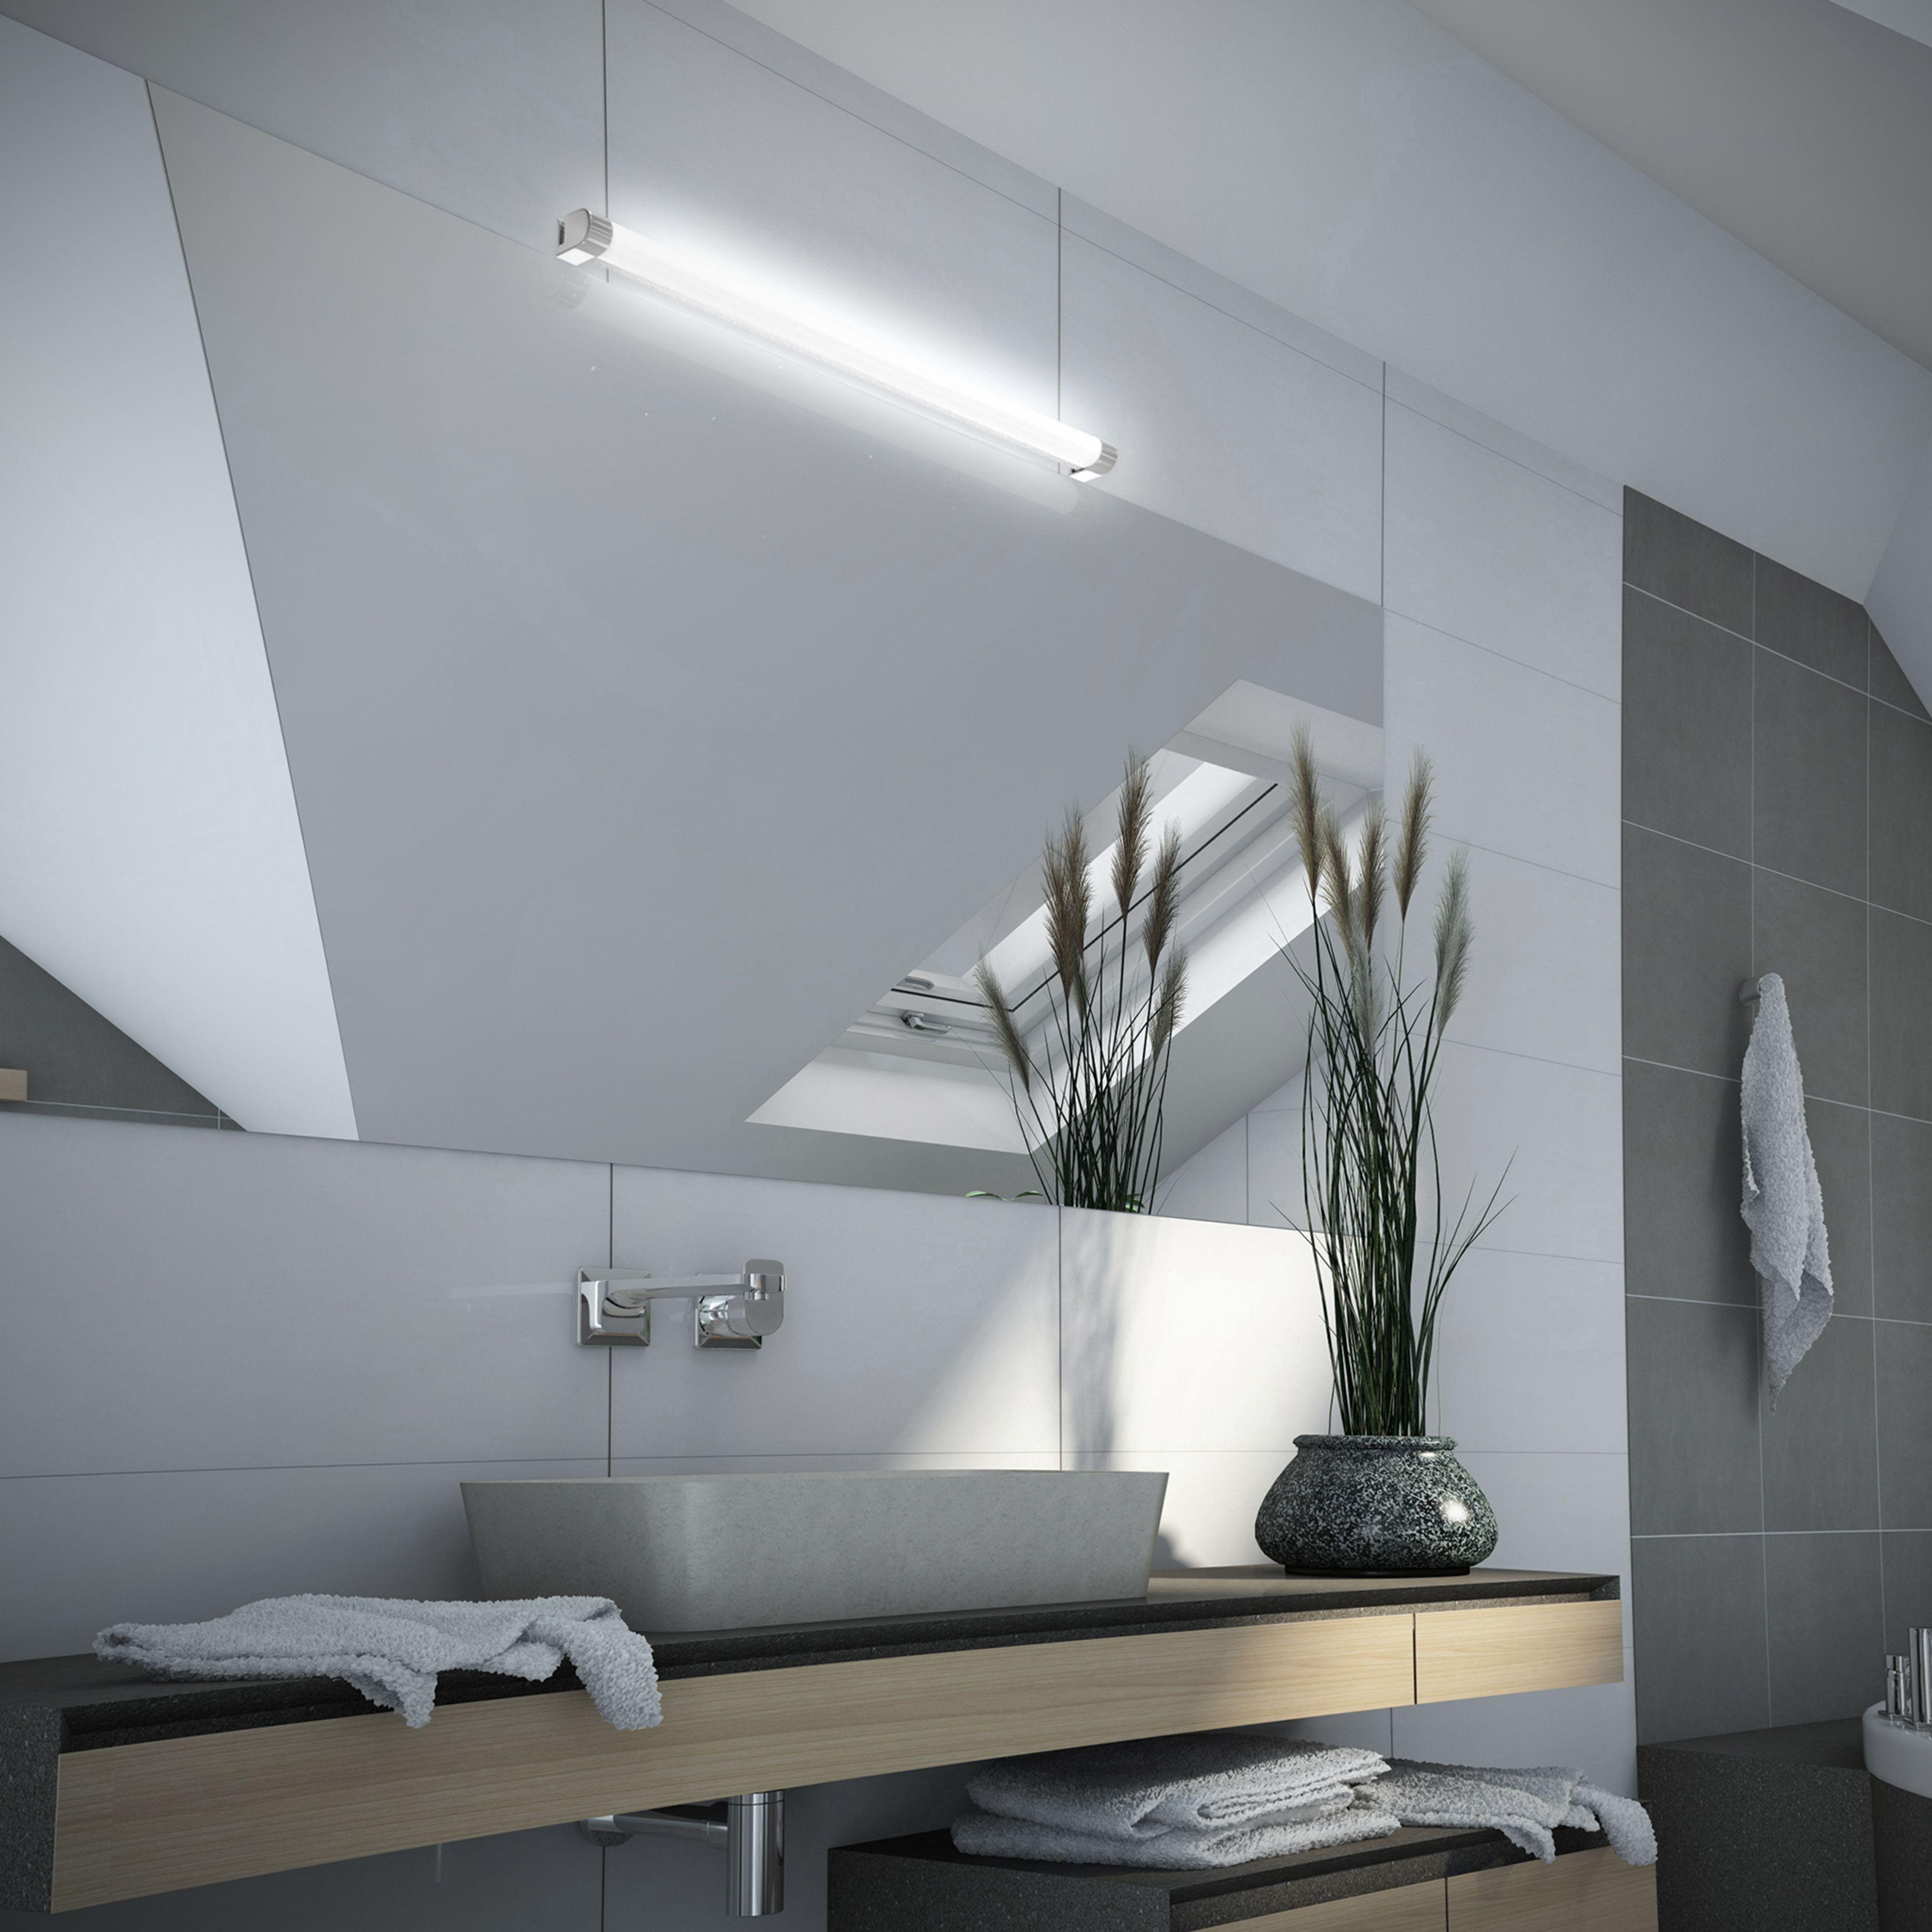 Led Spiegelleuchten Wandlampe Lampe Led